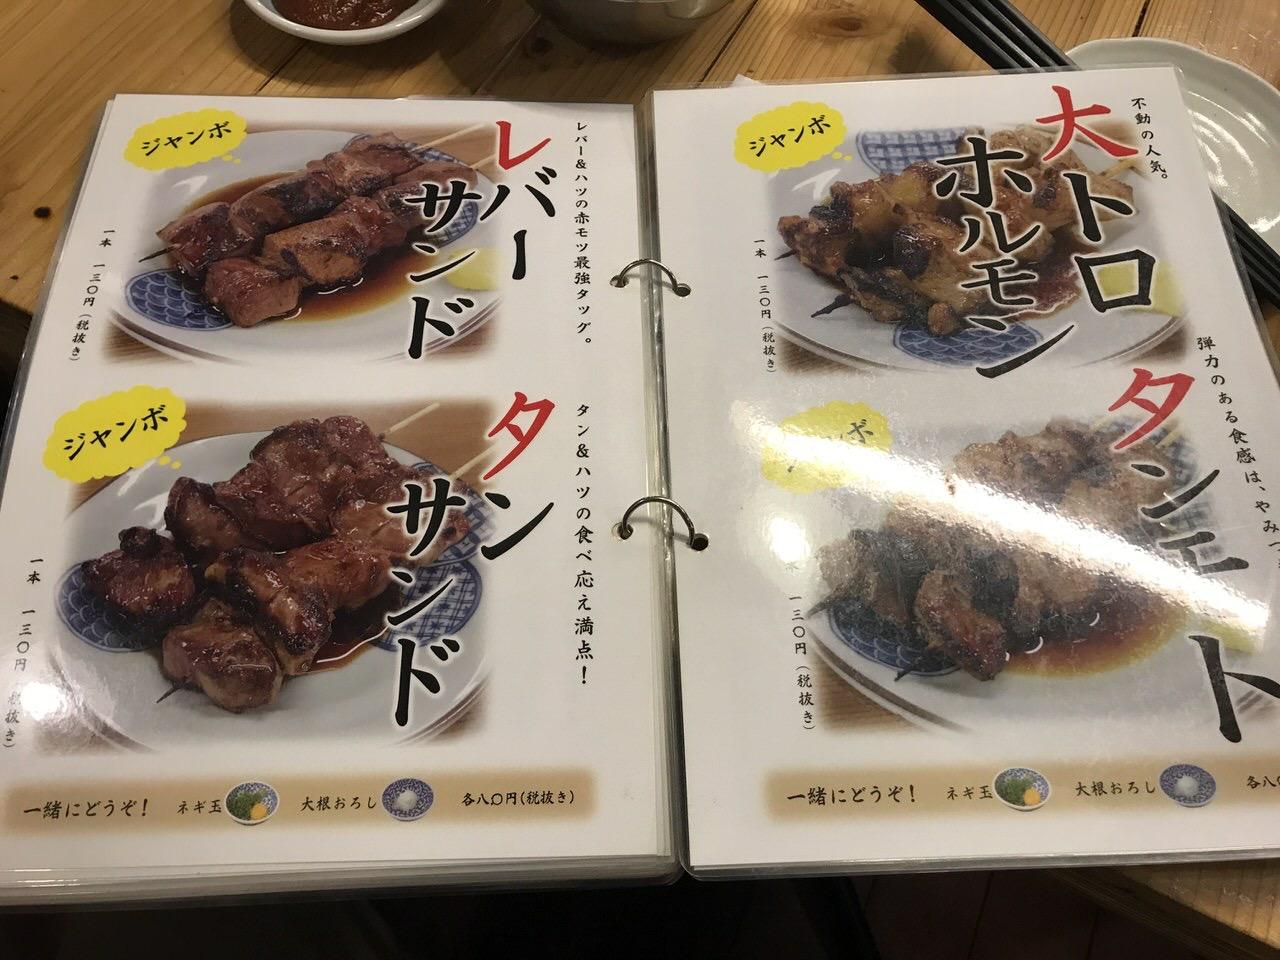 串屋横丁 神田南口店 メニュー 06